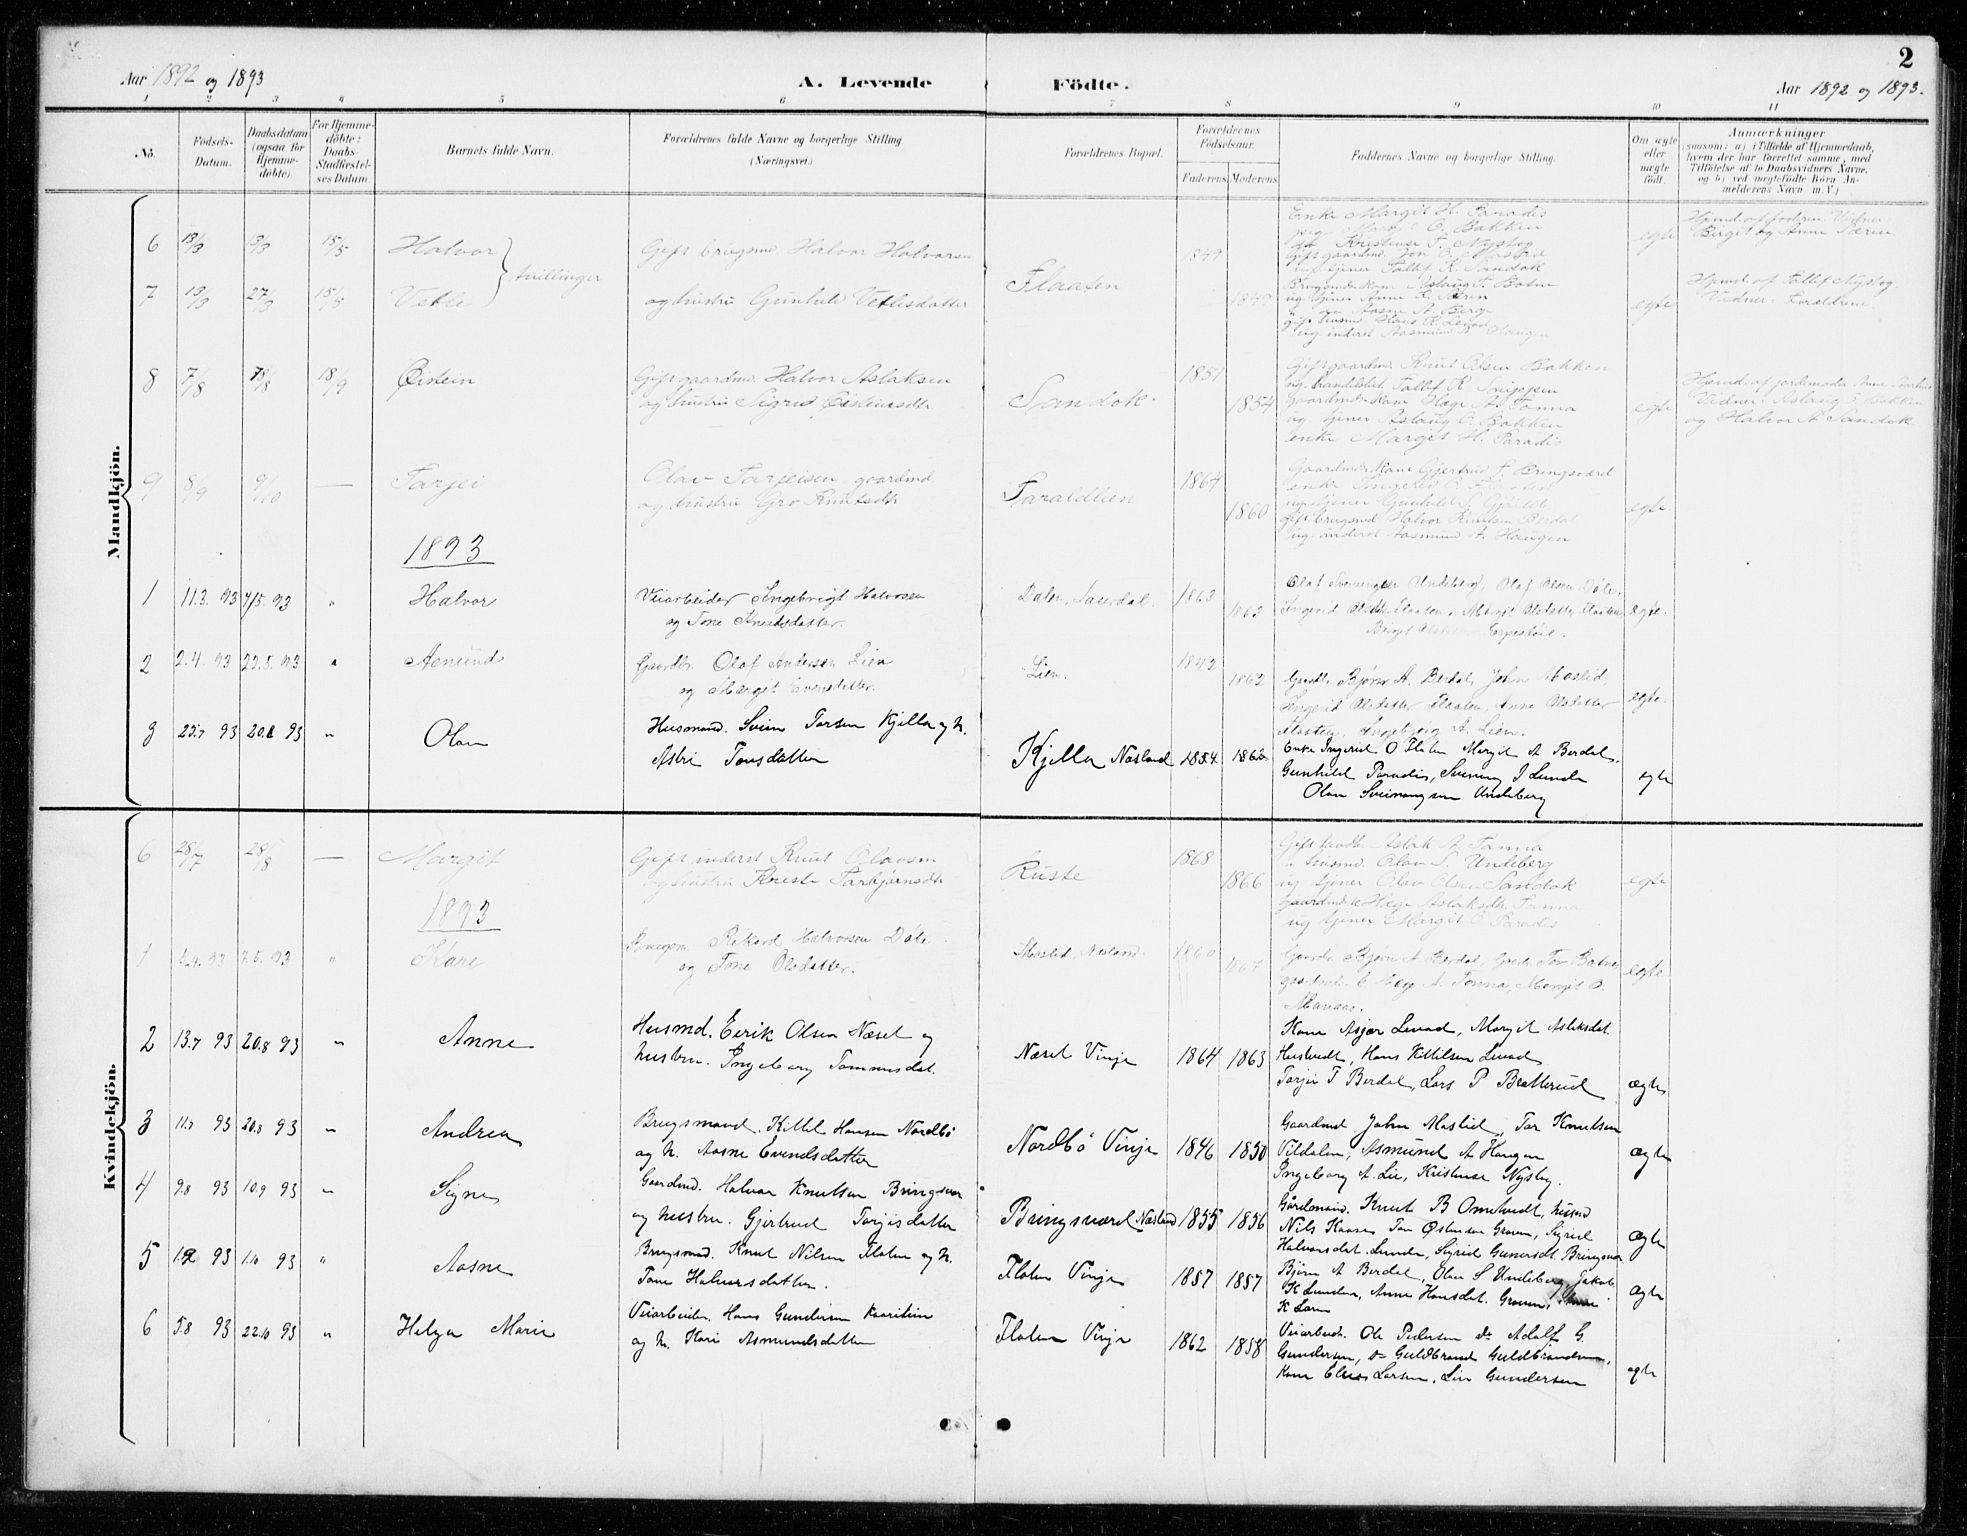 SAKO, Vinje kirkebøker, G/Gb/L0003: Klokkerbok nr. II 3, 1892-1943, s. 2